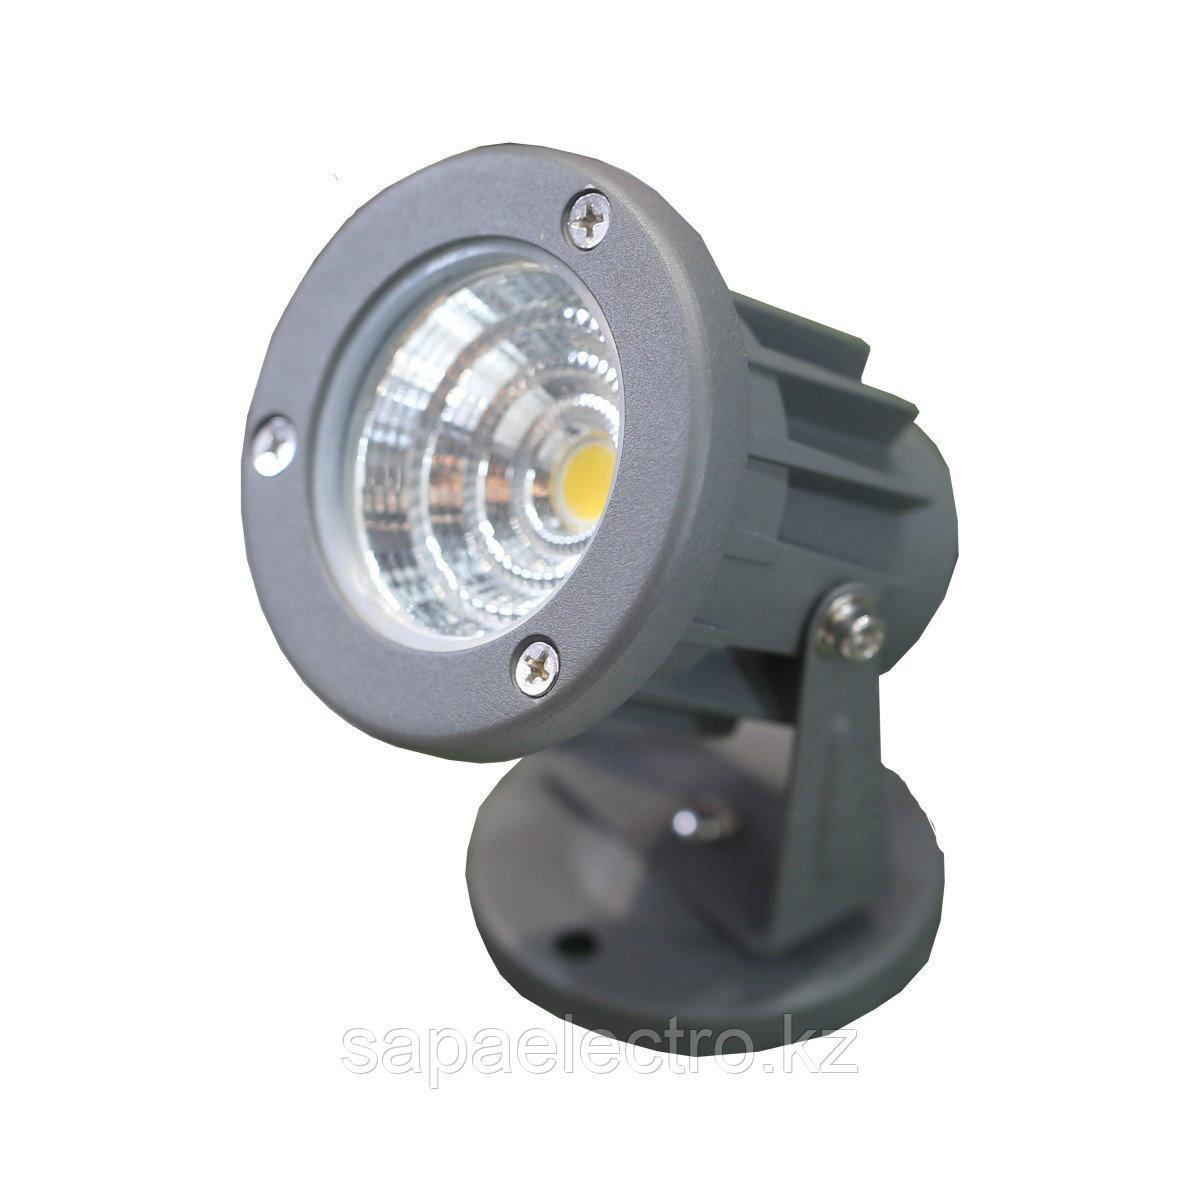 Park.Sv-k TD-D014 LED 3W COB 4000K Grey(TT)50